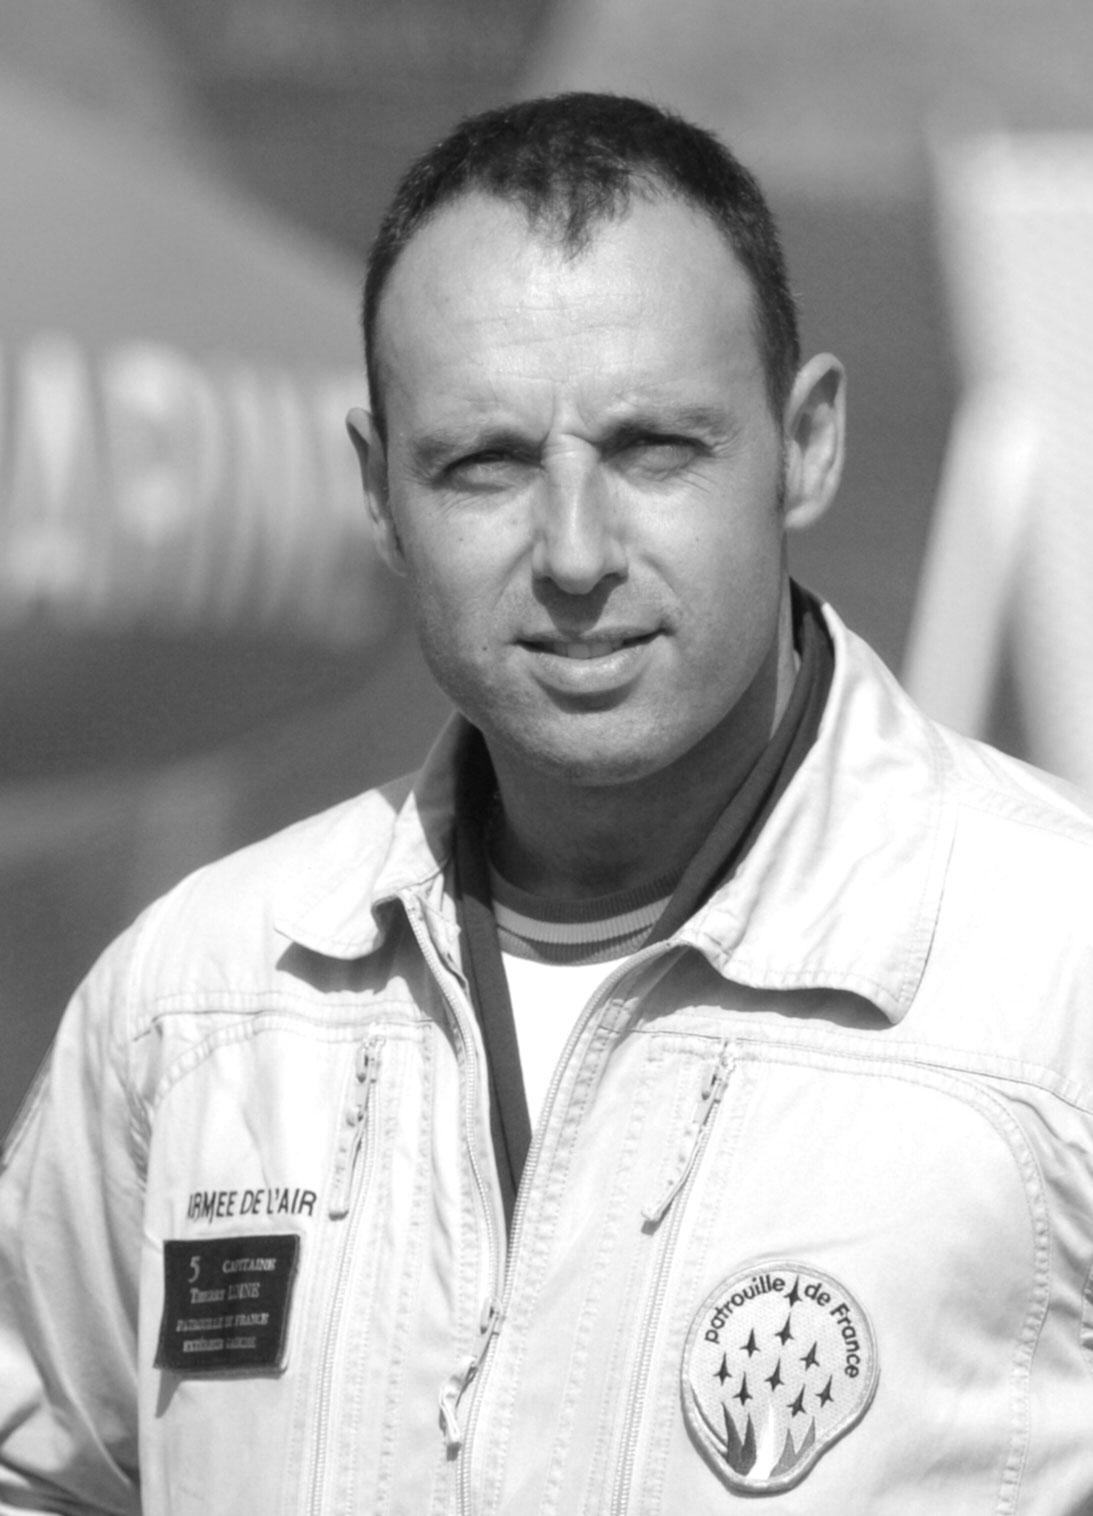 Thierry LOINE  Conseiller Image, Pilote &Expert Aviation - Conférencier  Pilote de chasse dans l'armée de l'air pendant 18 ans, il intègre pendant quatre années la prestigieuse unité de la  Patrouille de France , puis rejoint la sécurité civile en 2010 pour devenir pilote bombardier d'eau.   Pilote de Chasse - Pilote Bombardier d'eau